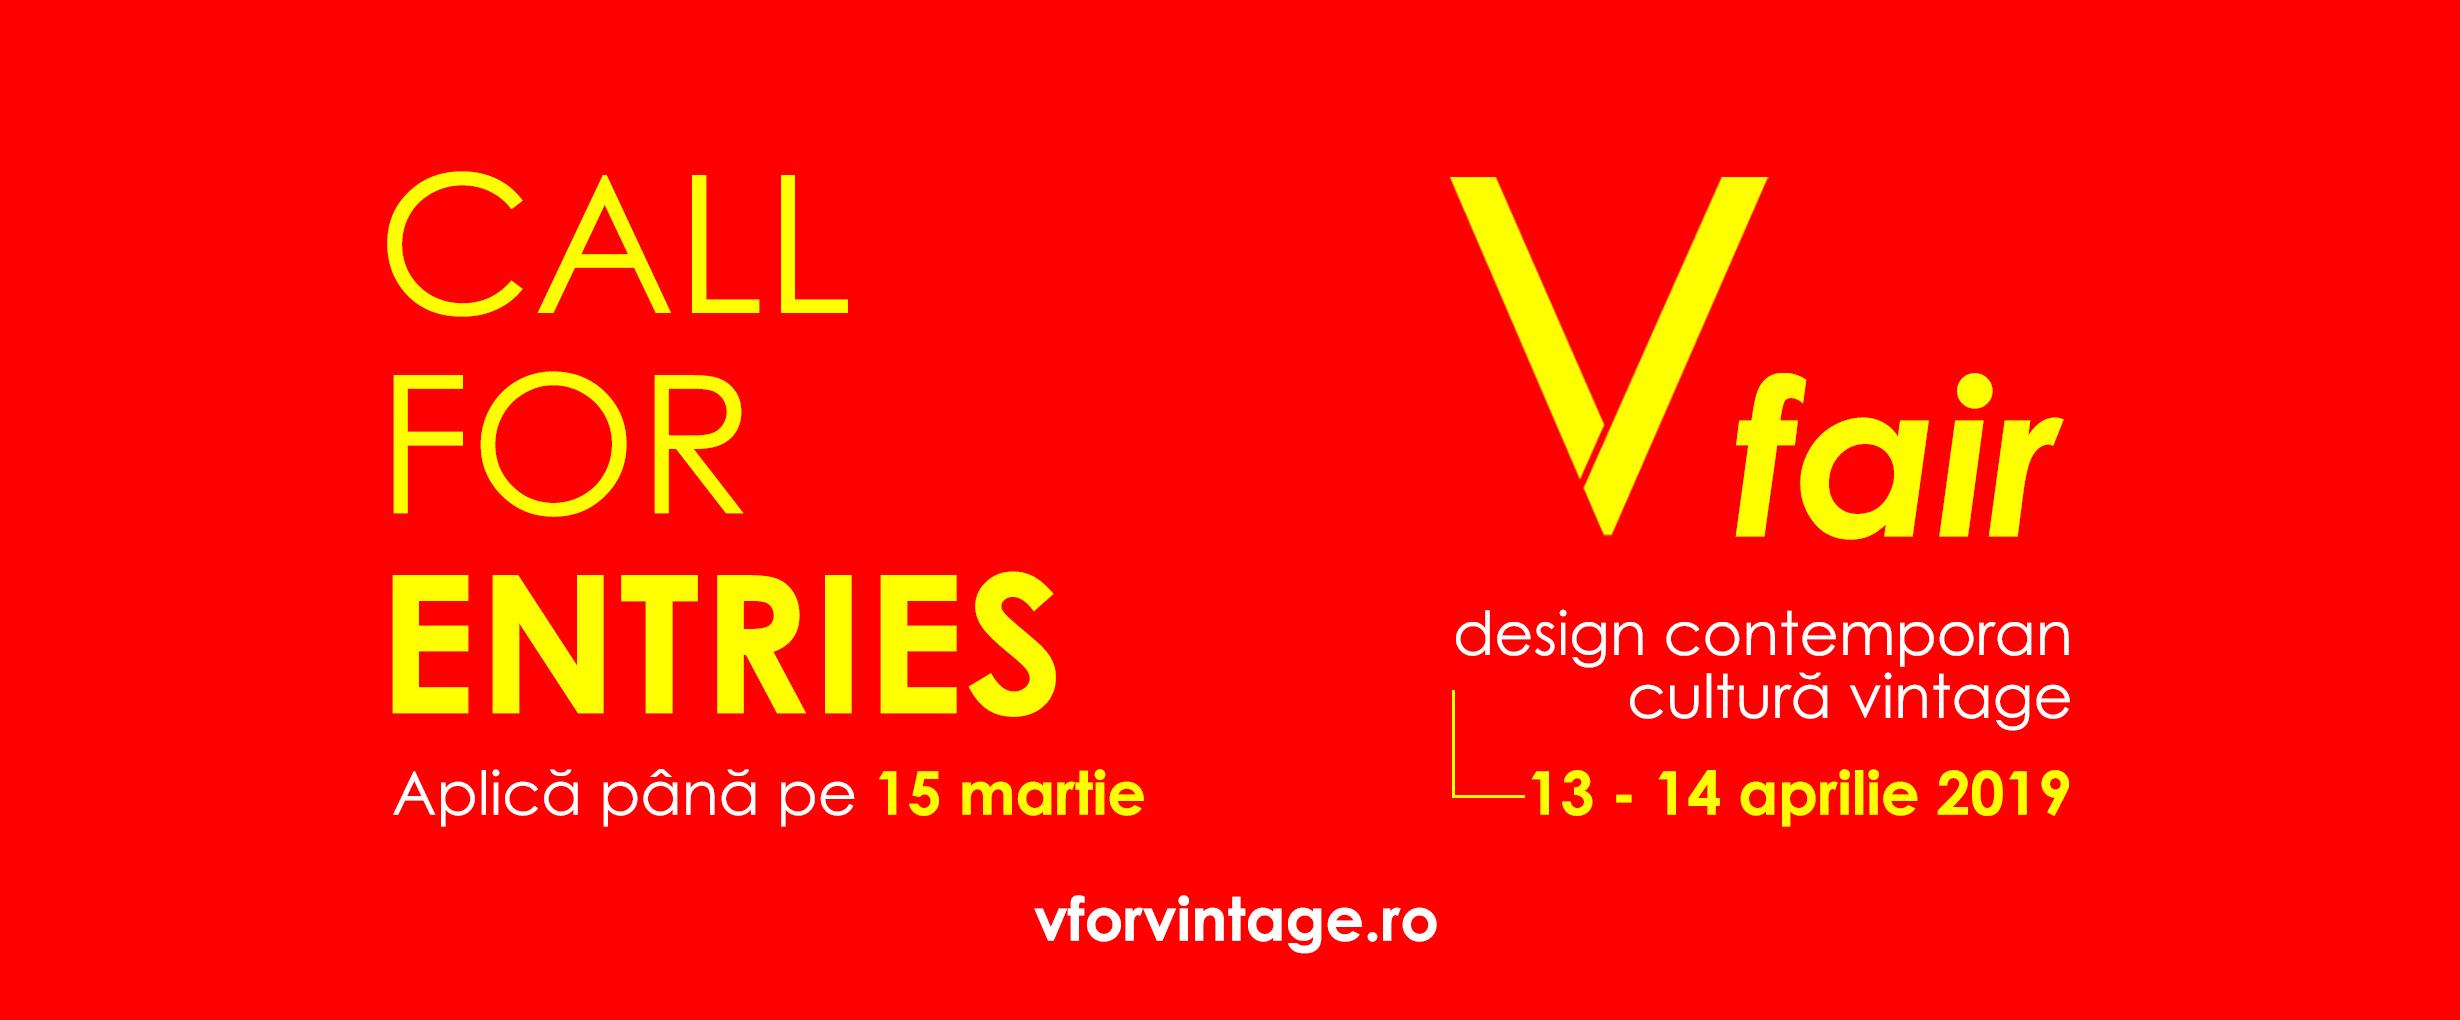 V fair deschide listele de înscriere pentru designeri